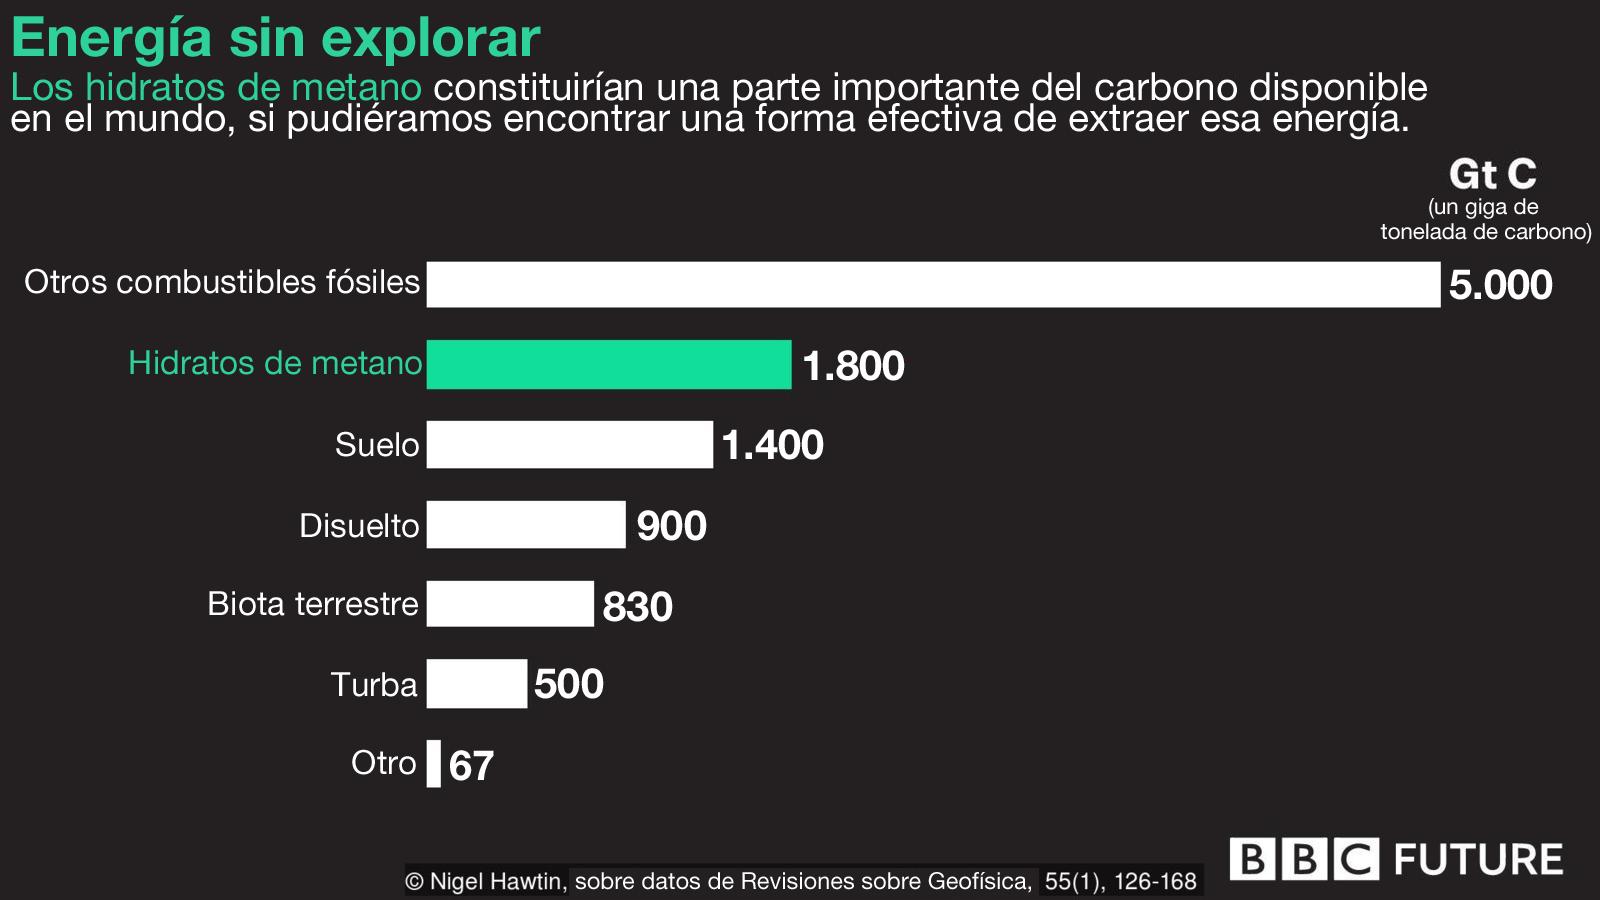 Gráfico energía.